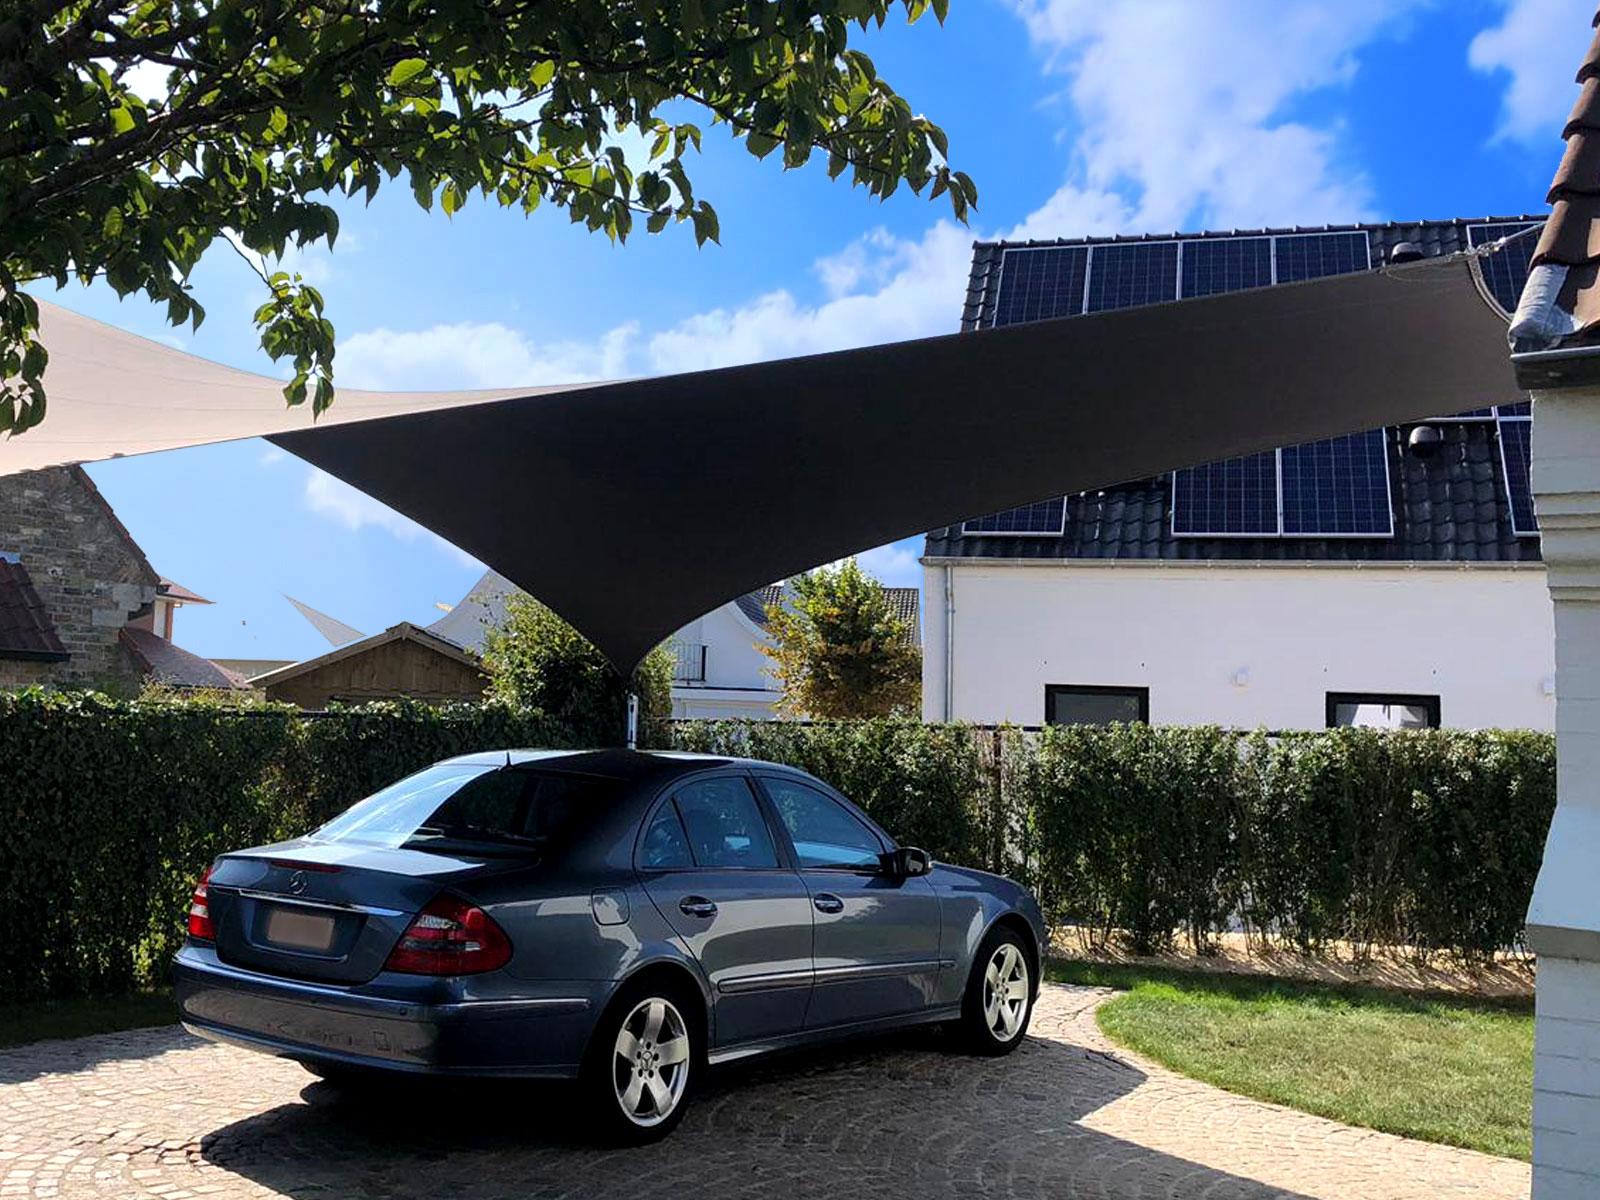 De Texstyleroofs carport overkapping weegt tussen de tien en vijftien kilo.